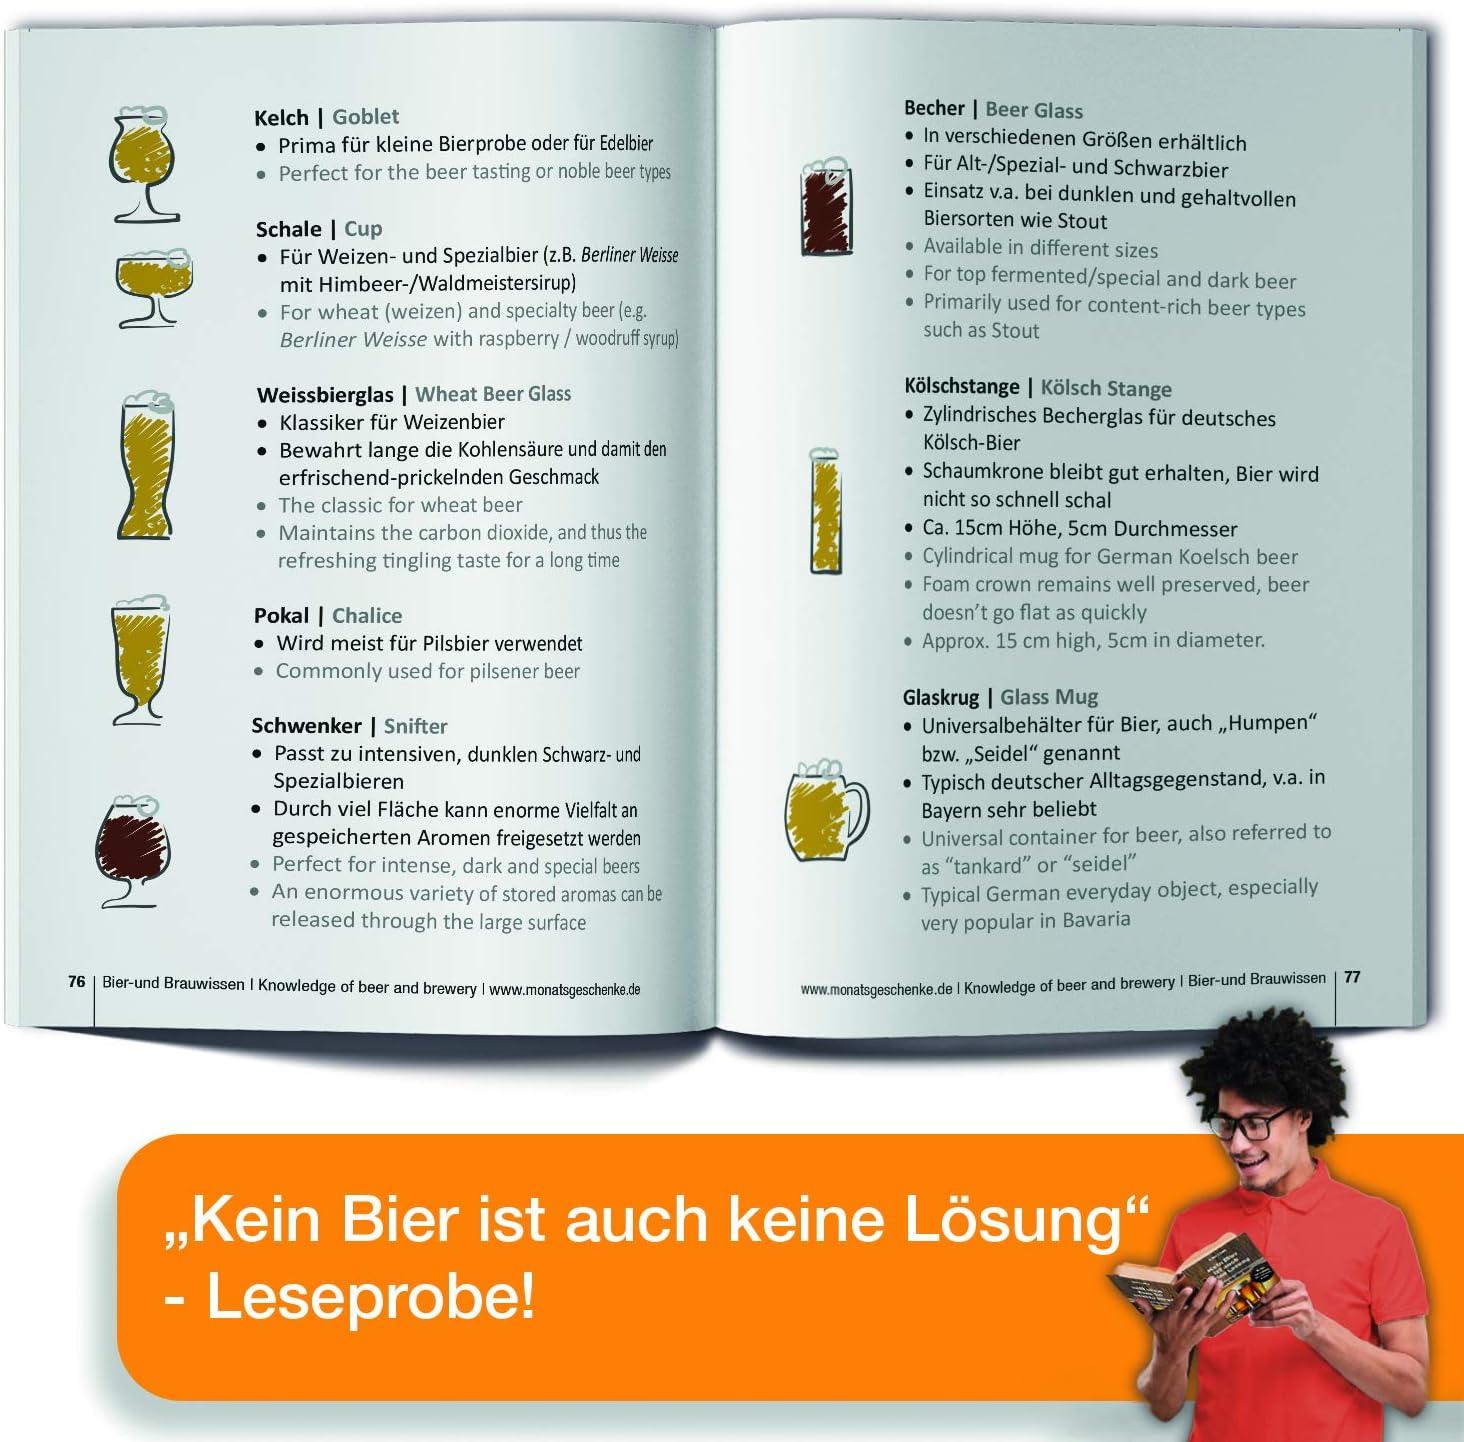 // Bier Geschenkset mit Bieren der Wekt Geburtstagsgeschenk f/ür M/änner zum 51